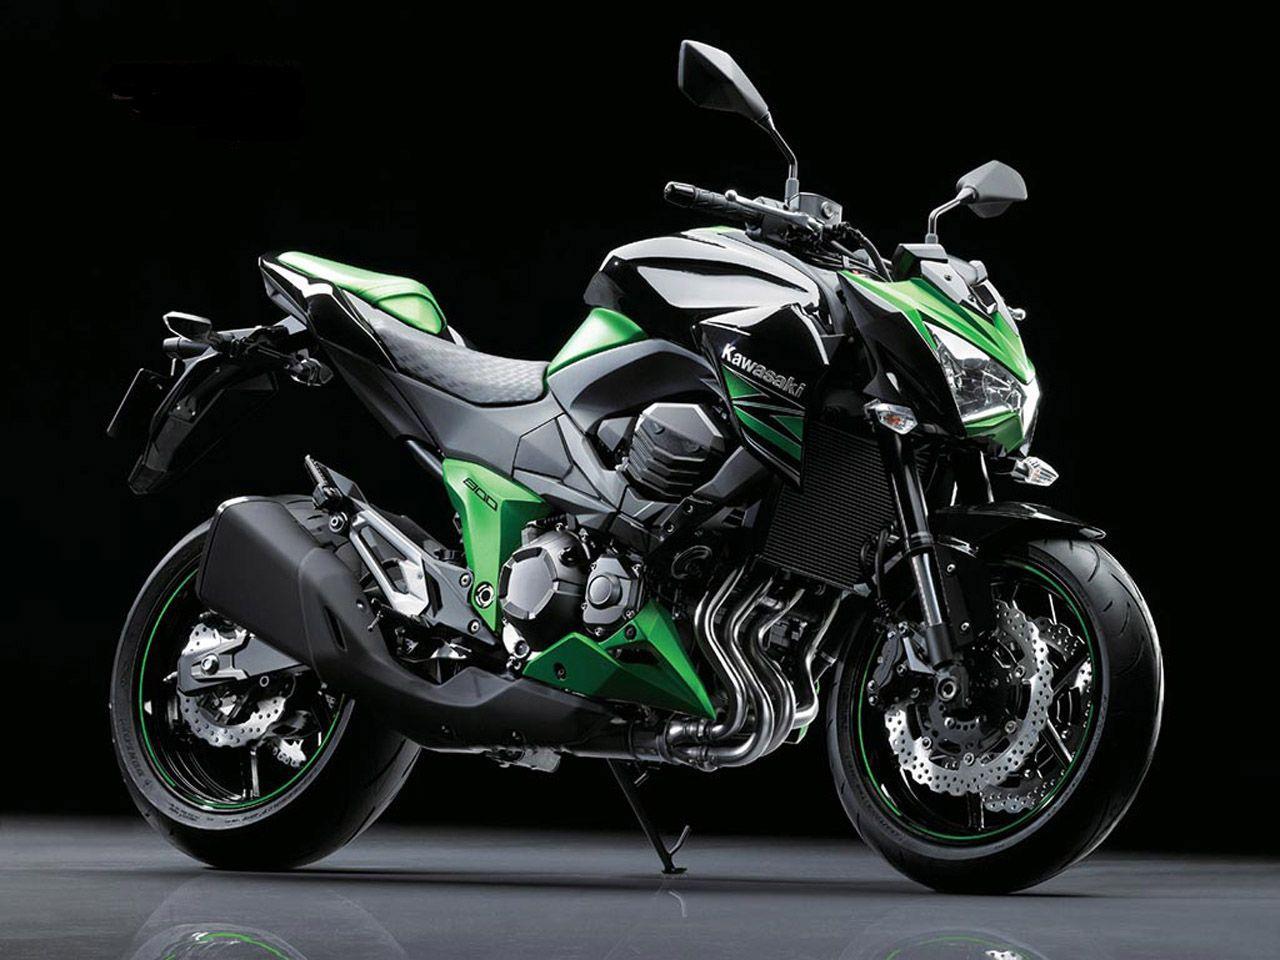 2013 Kawasaki Z800 7028443